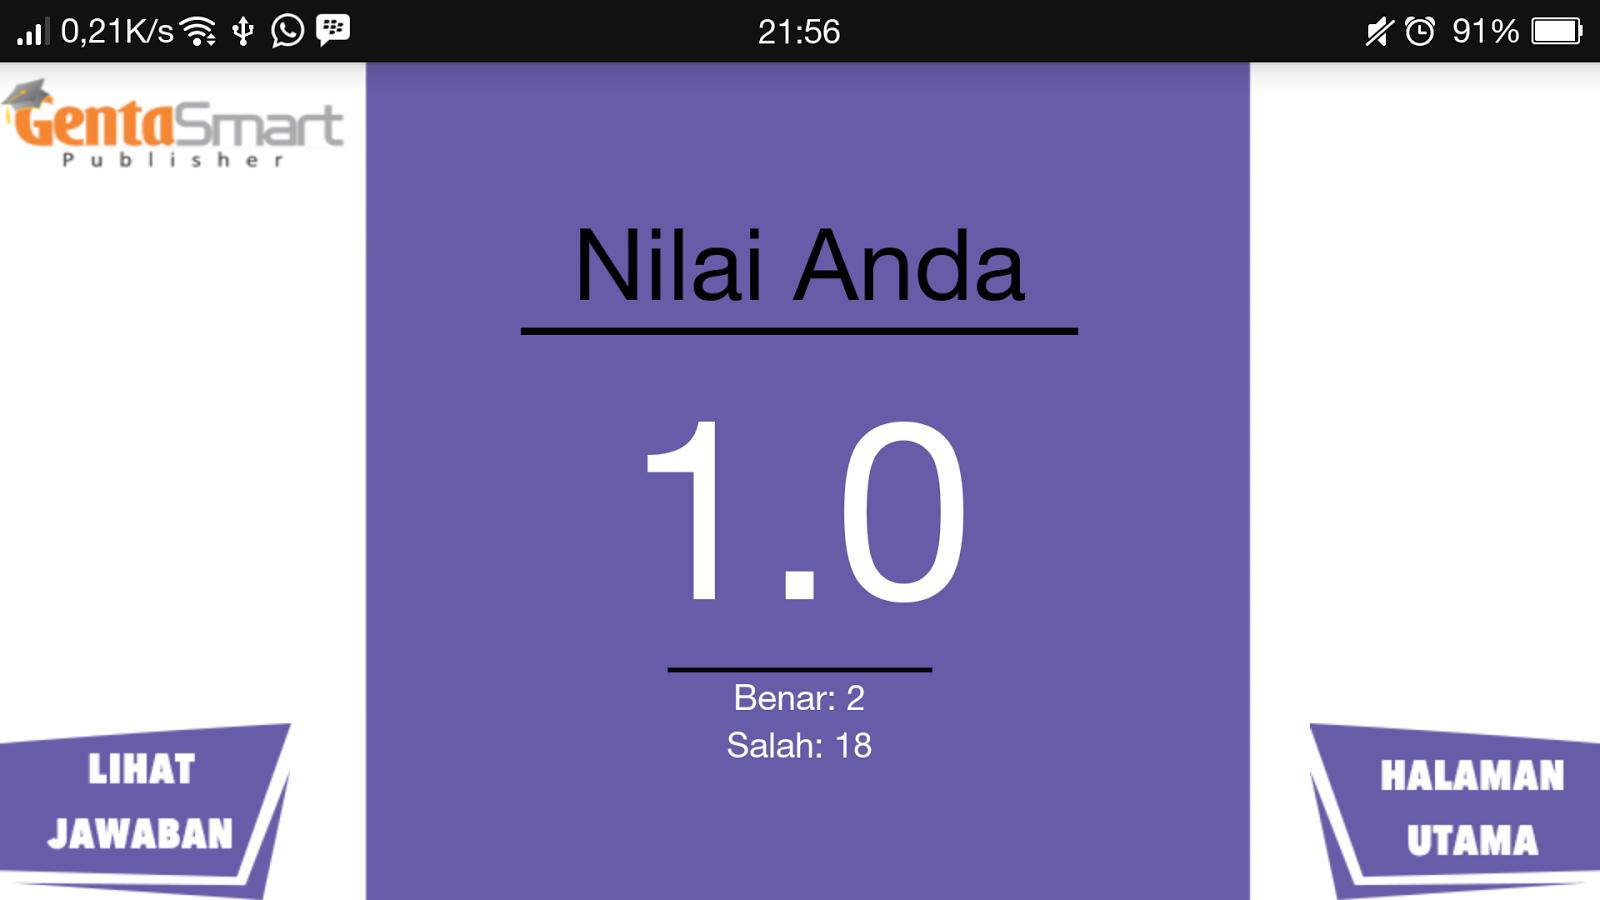 Soal Dan Kunci Jawaban Bahasa Indonesia Sma Kelas 11 Newhairstylesformen2014 Com